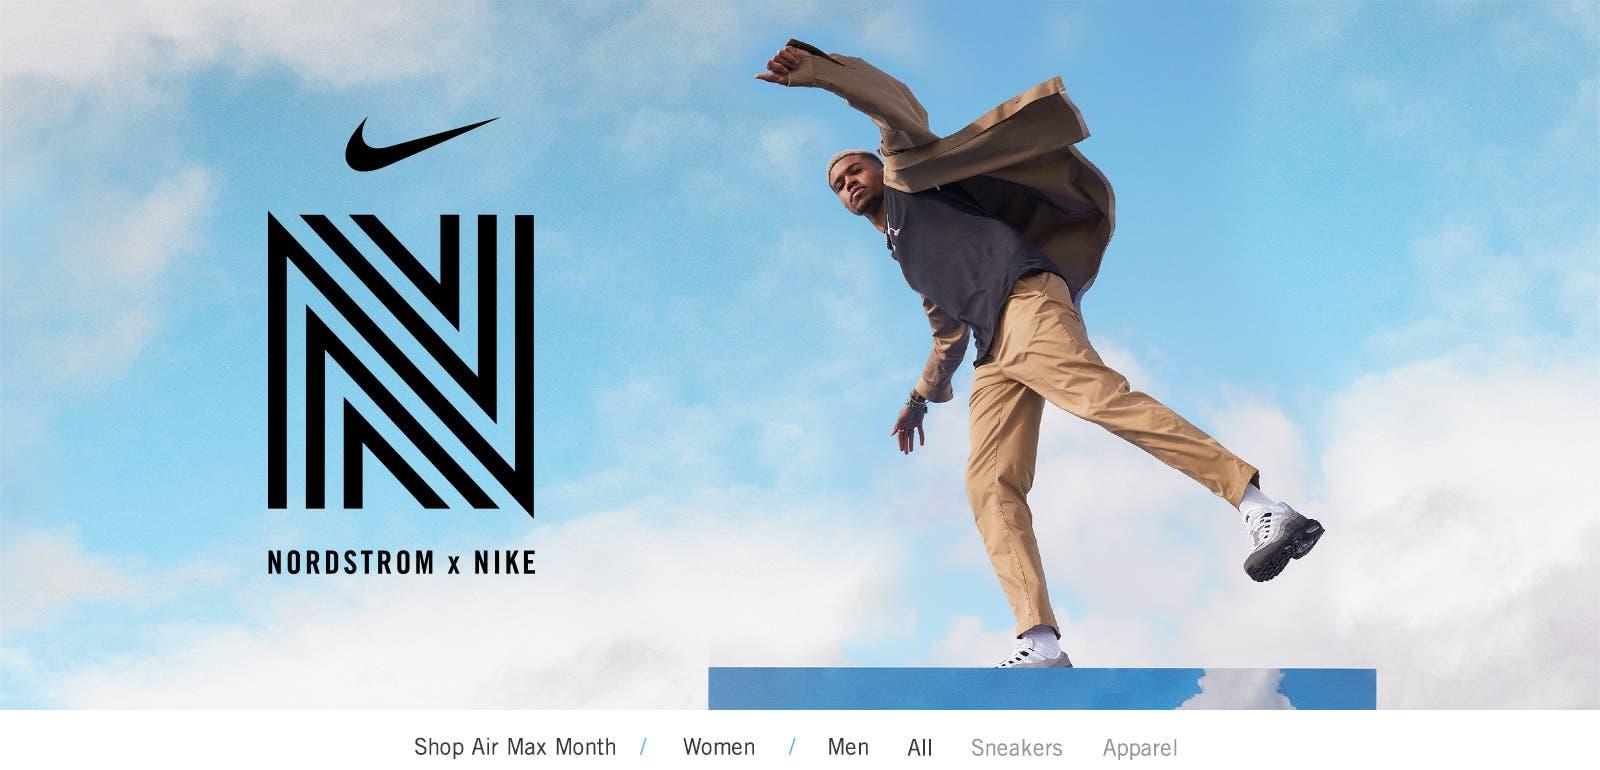 Nordstrom x Nike.